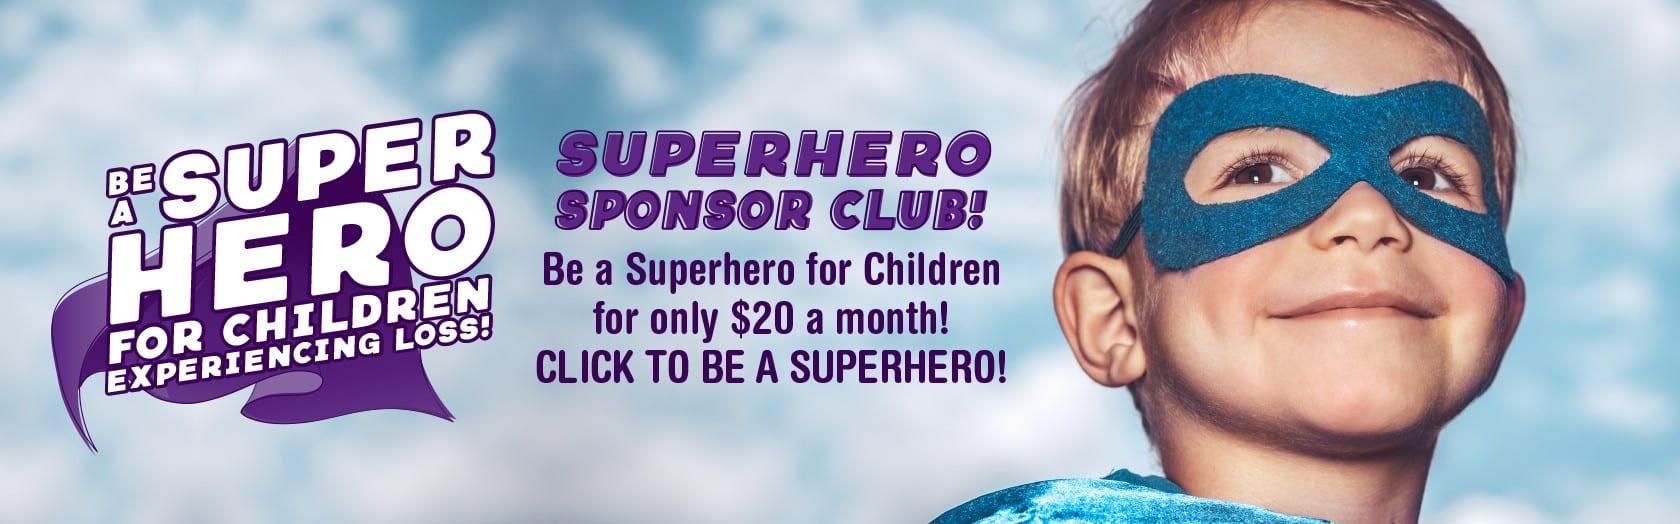 Be A Superhero Sponsor Club